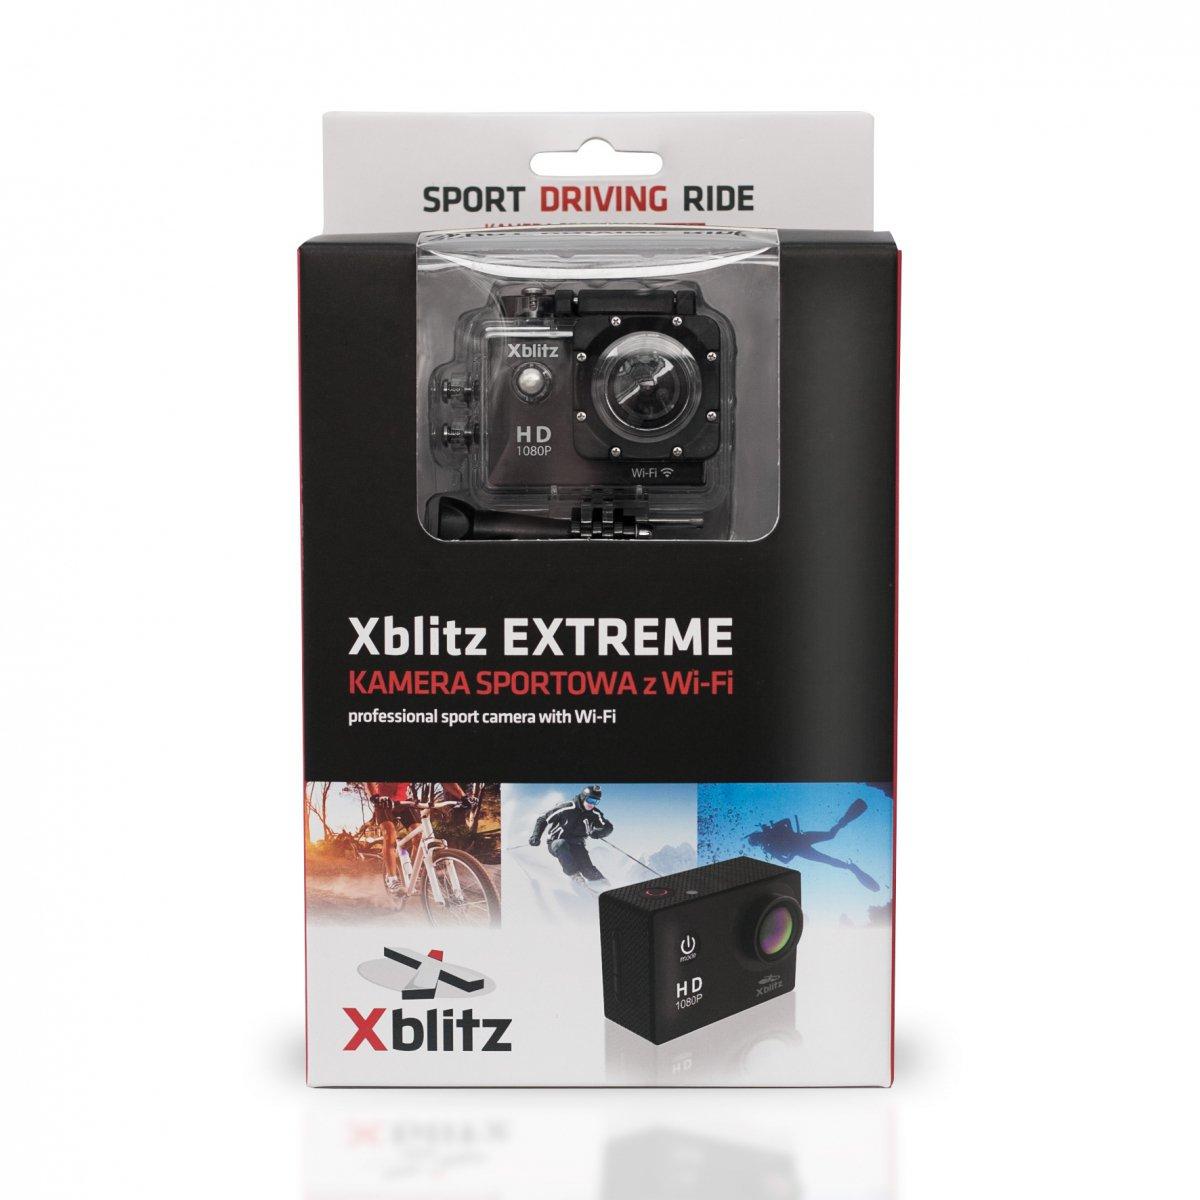 Kamera sportowa Xblitz Extreme